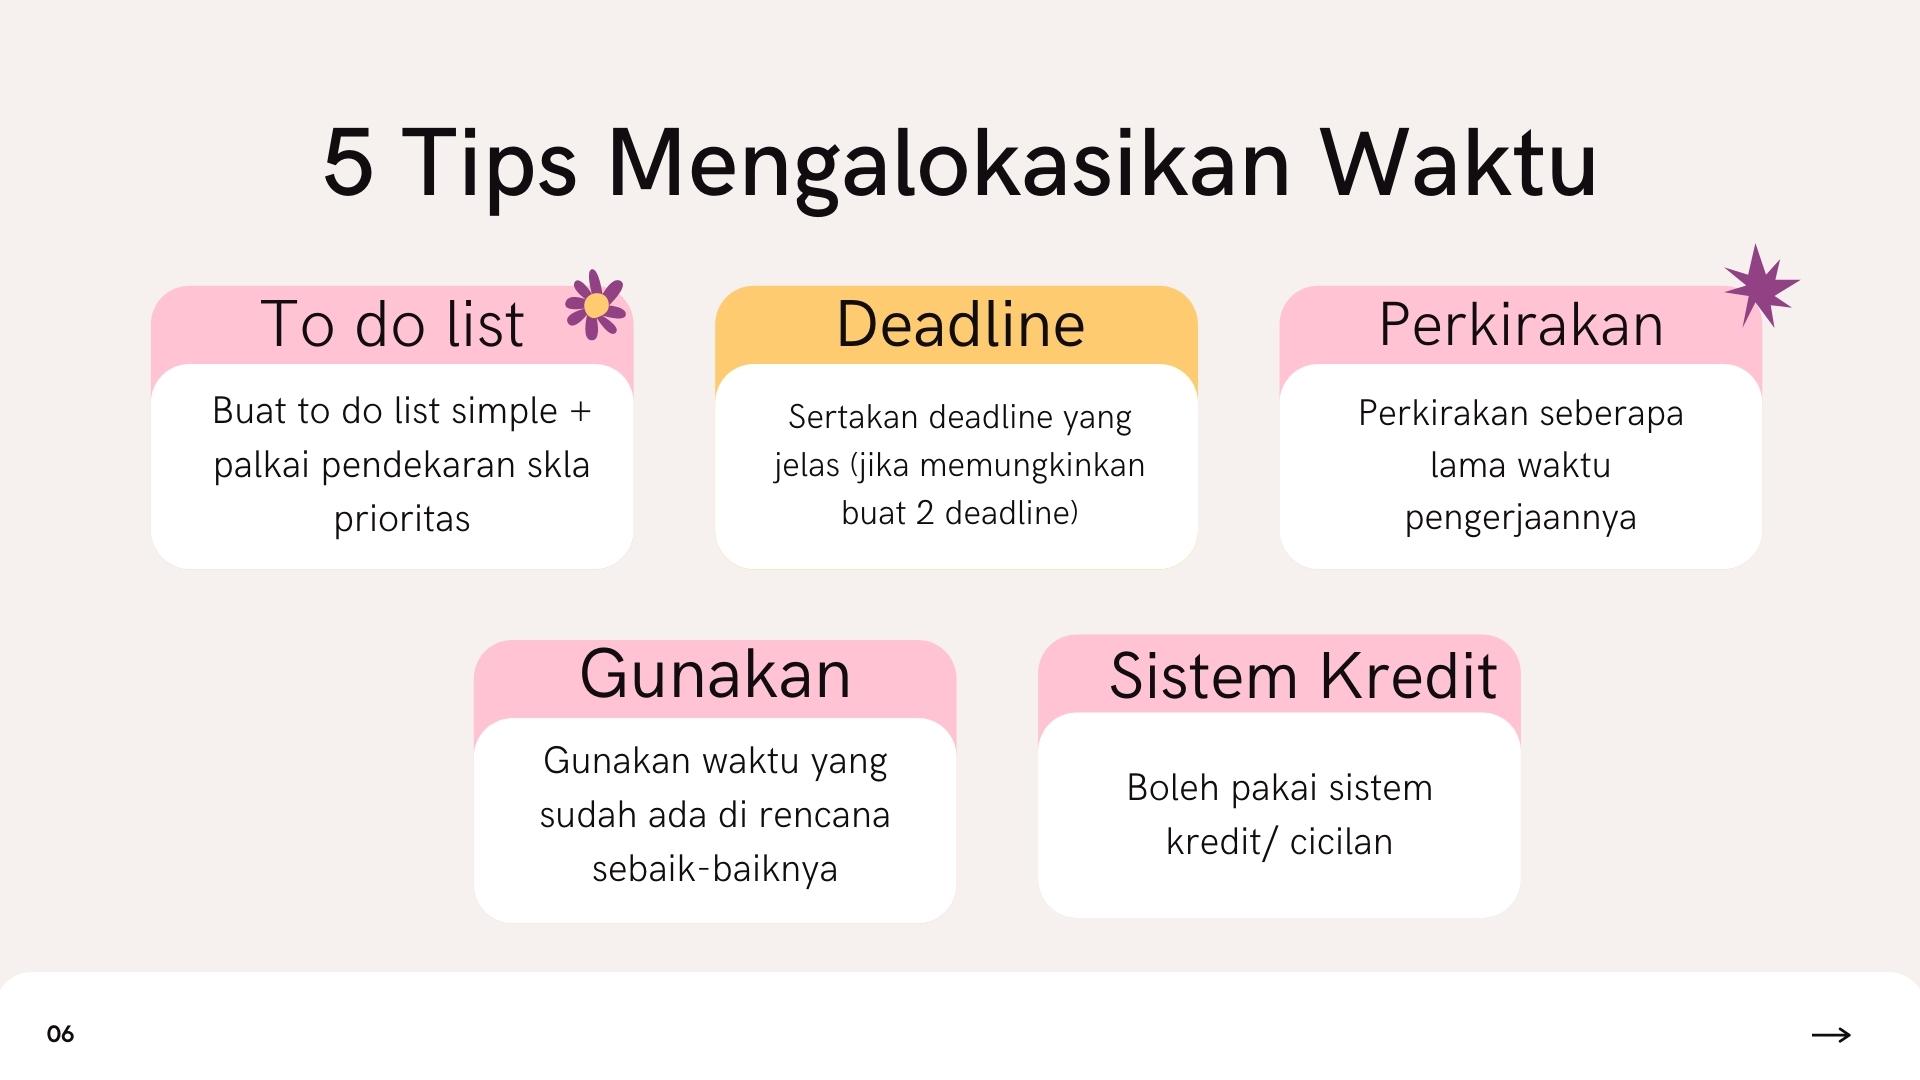 5 Tips Mengalokasikan Waktu